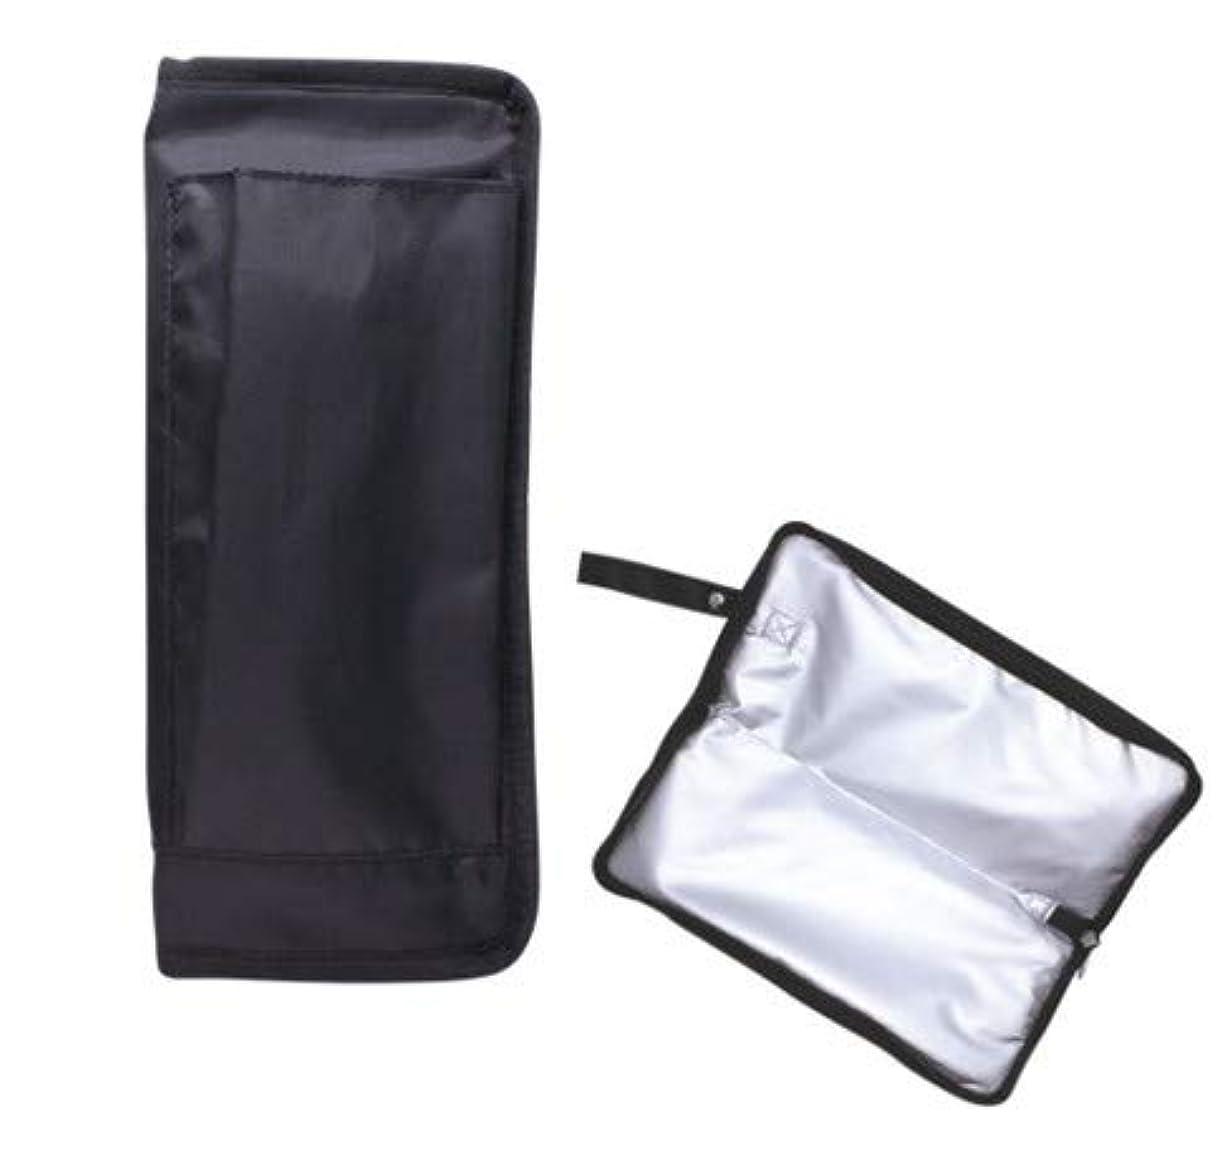 対処する値する売るヘアアイロンカバー(ブラック)HAC1800 ヘア アイロン コテ スタイリング 温 冷 一時置き コード スッキリ バッグ 収納 フック付き 自宅 お出かけ 旅行 化粧